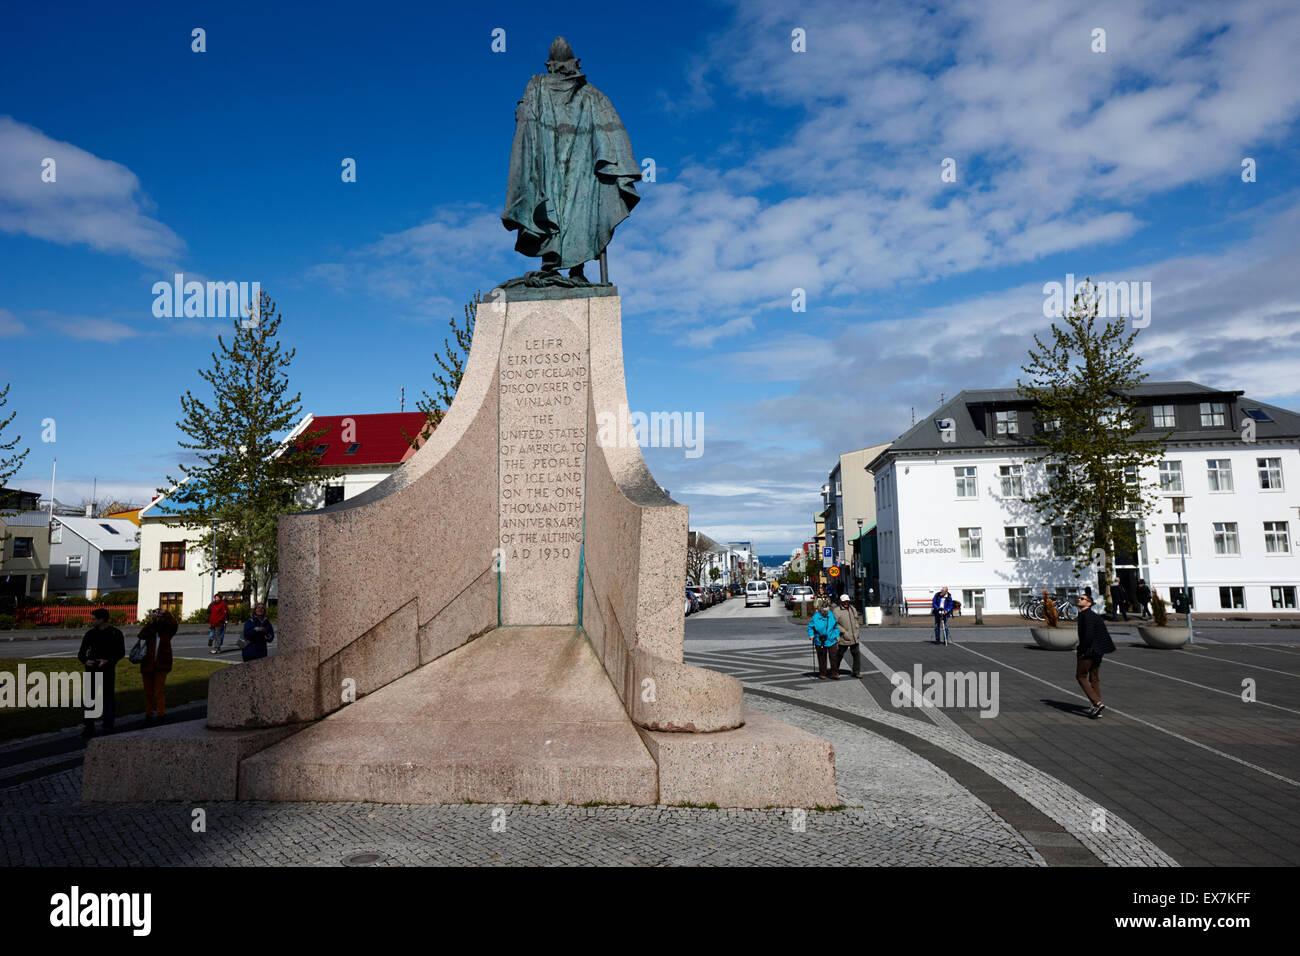 Estatua de explorer lief eriksson mirando hacia abajo skolavordustigur Reykjavik Islandia Imagen De Stock